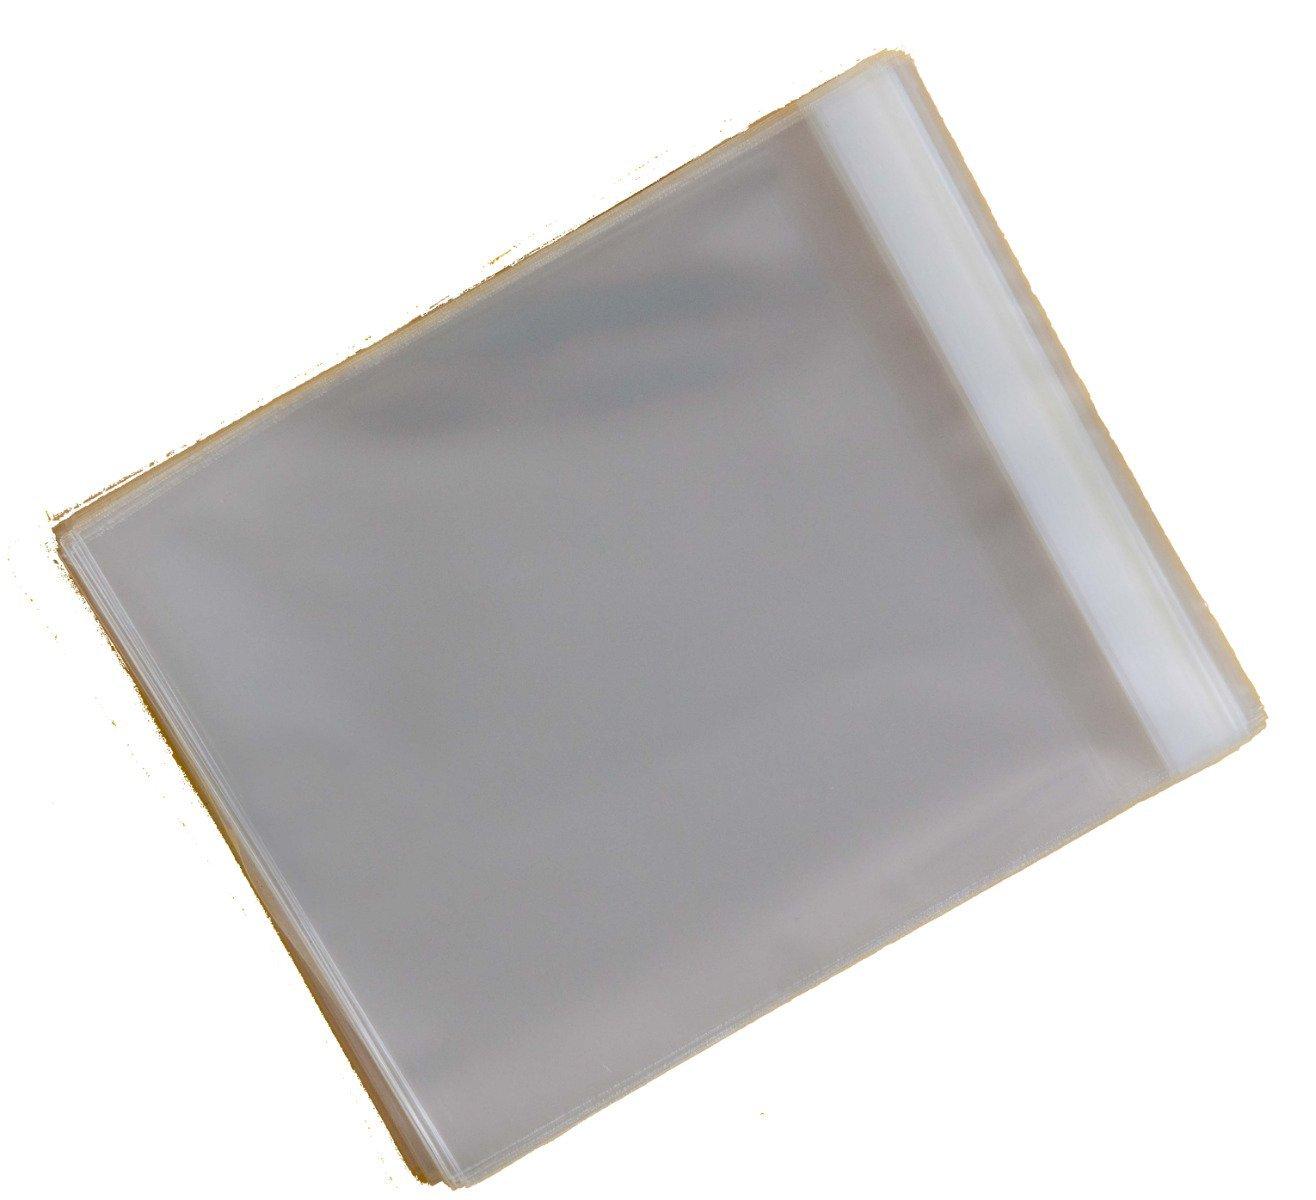 rabat de 30/mm 30/microns Celloexpress Lot de 100 pochettes carr/ées en cellophane pour cartes de v/œux Rabat autocollant 160 x 155/mm